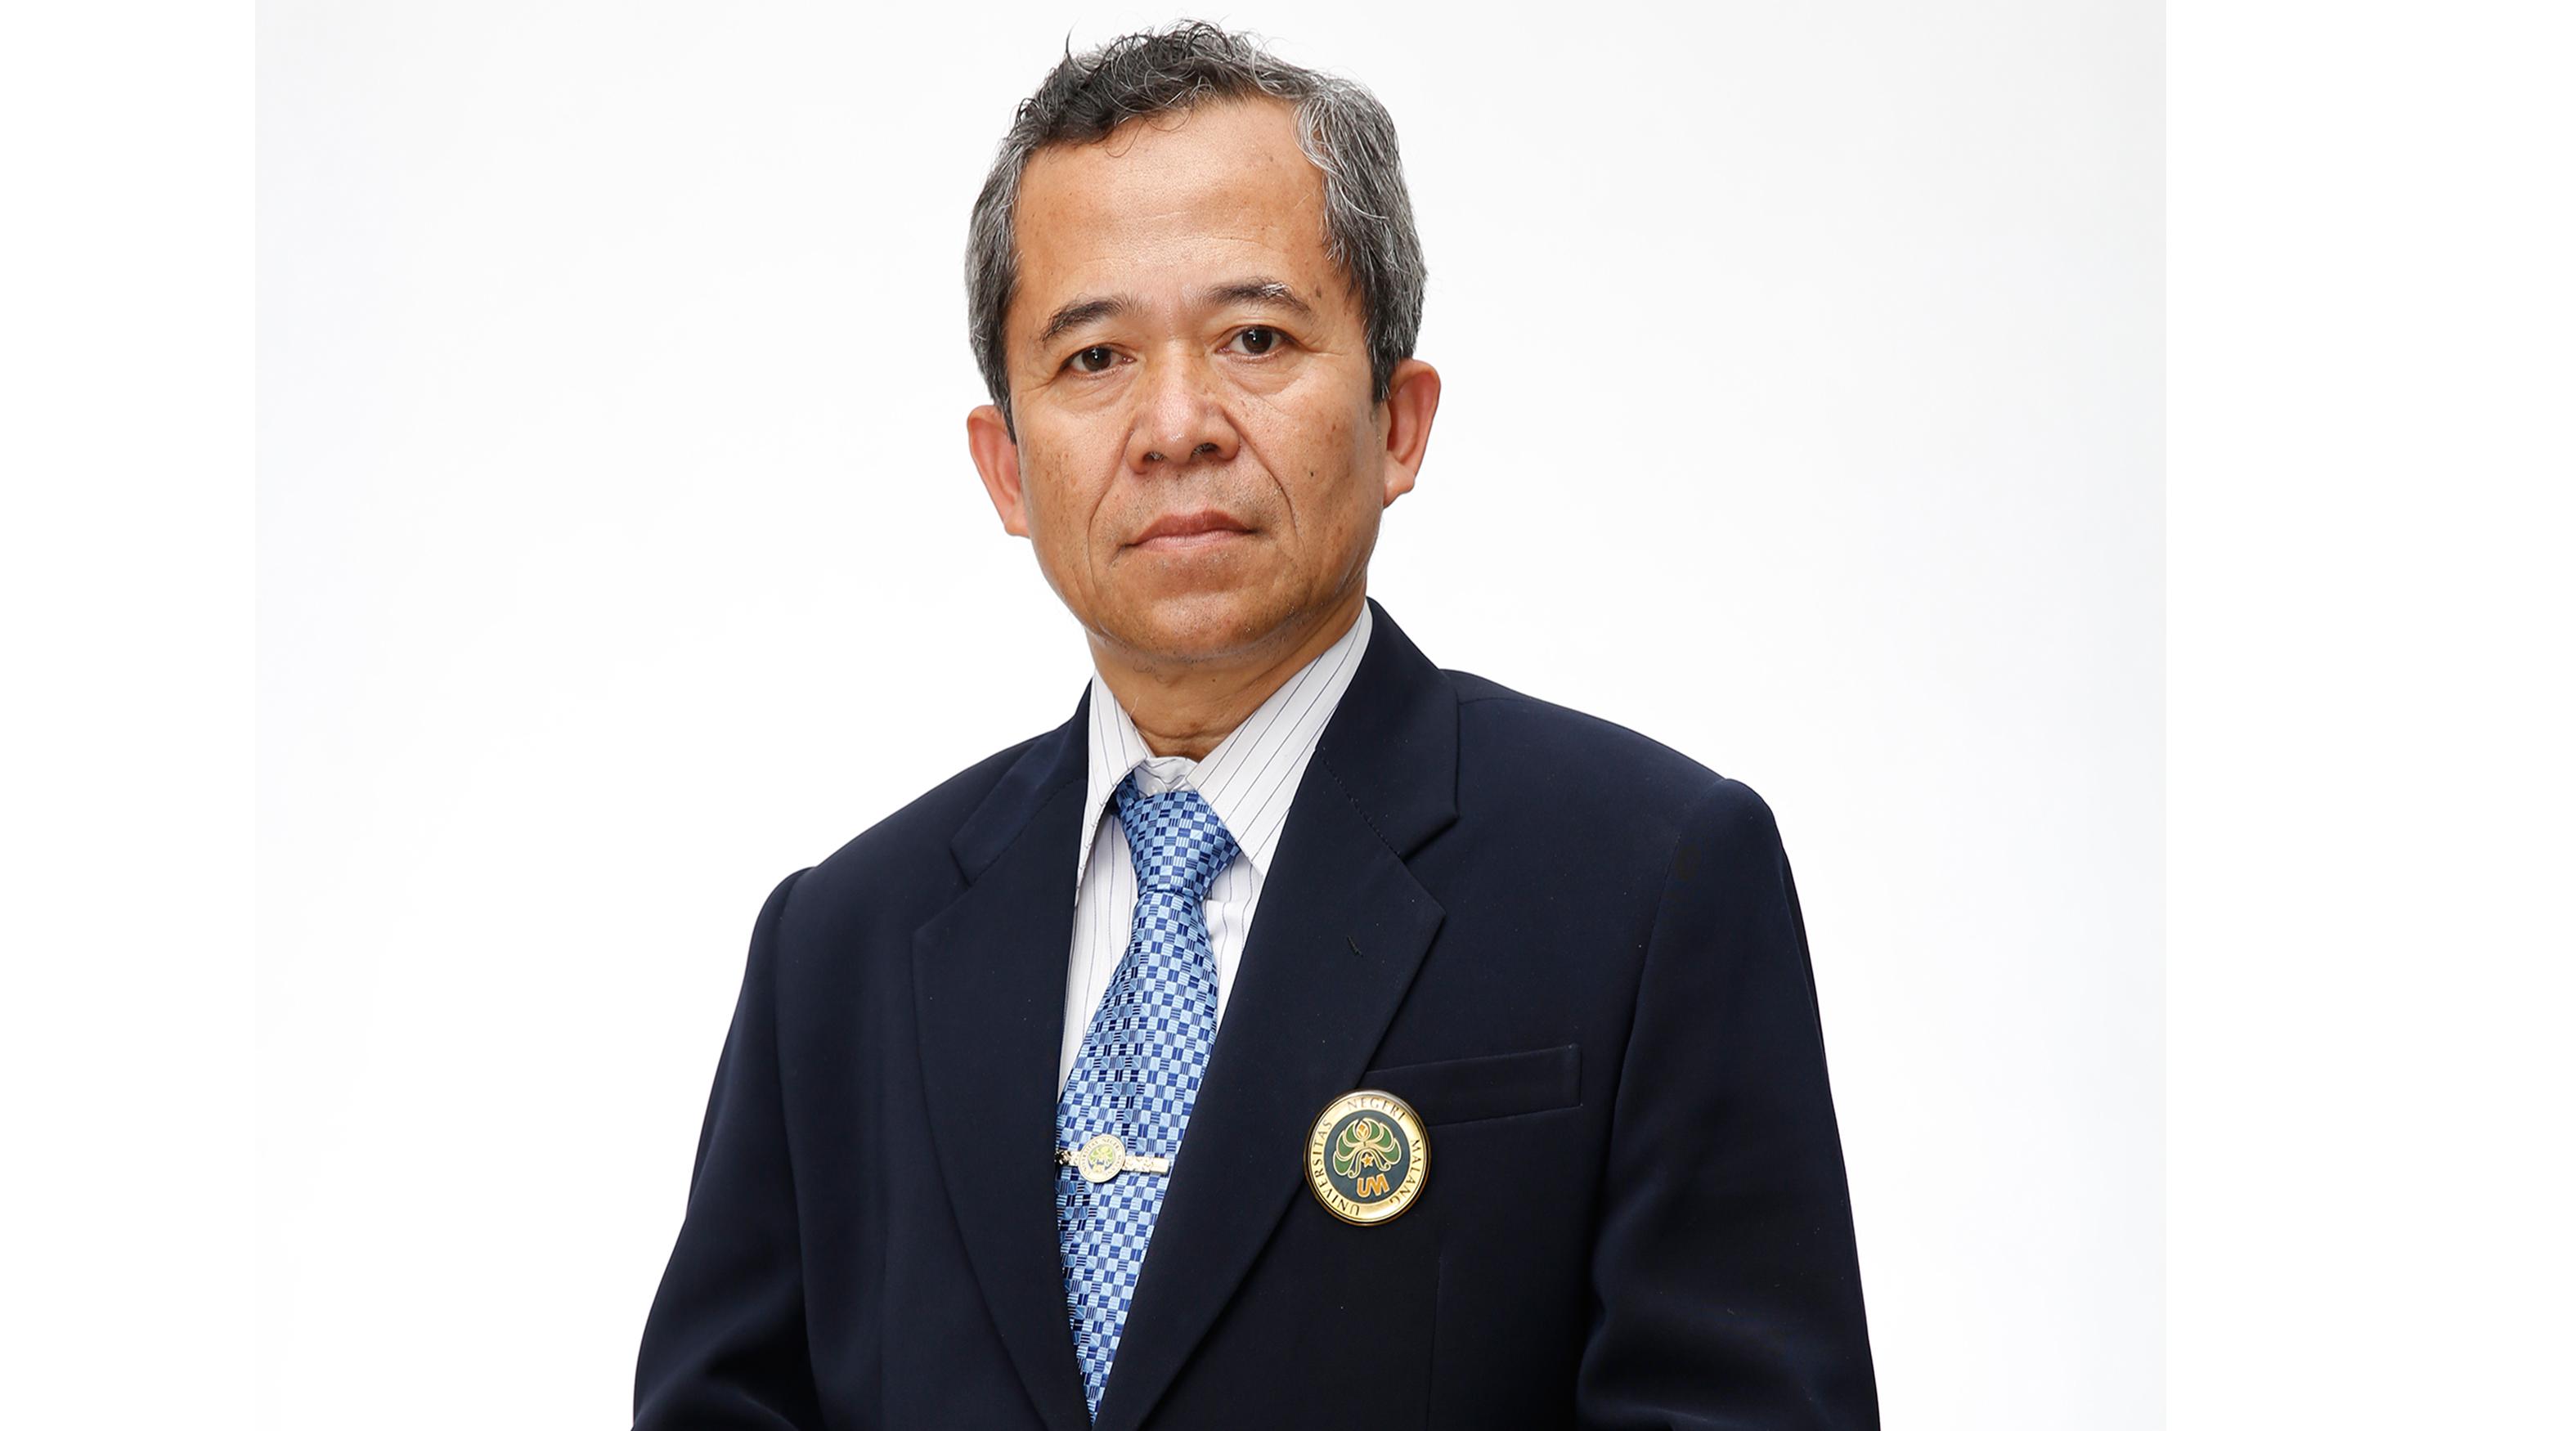 Ketua Lembaga Pengembangan Pendidikan dan Pembelajaran (LP3) Universitas Negeri Malang (UM) Dr. H. Sulton, M.Pd